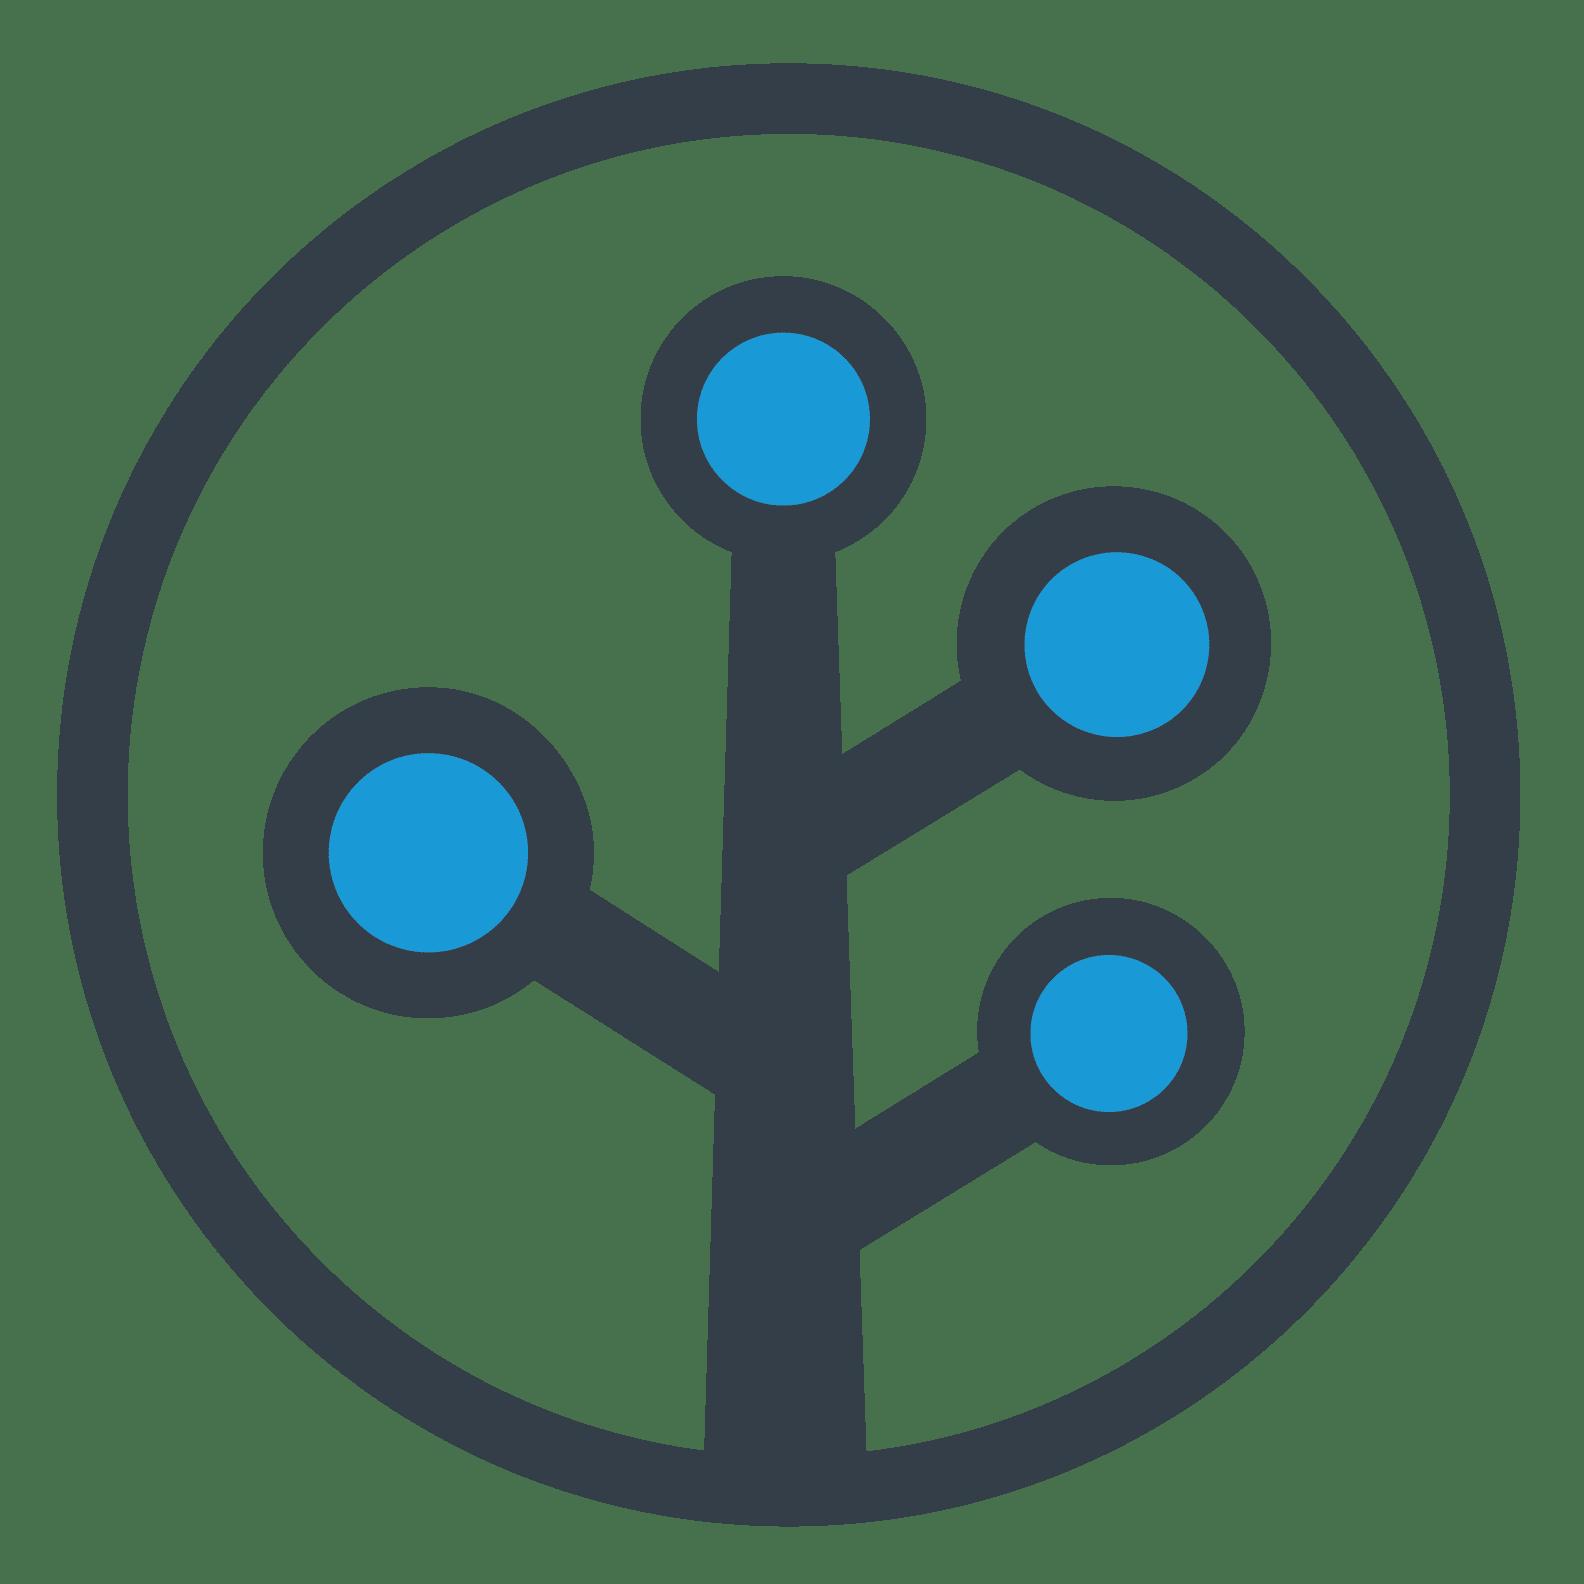 Branch | Crunchbase